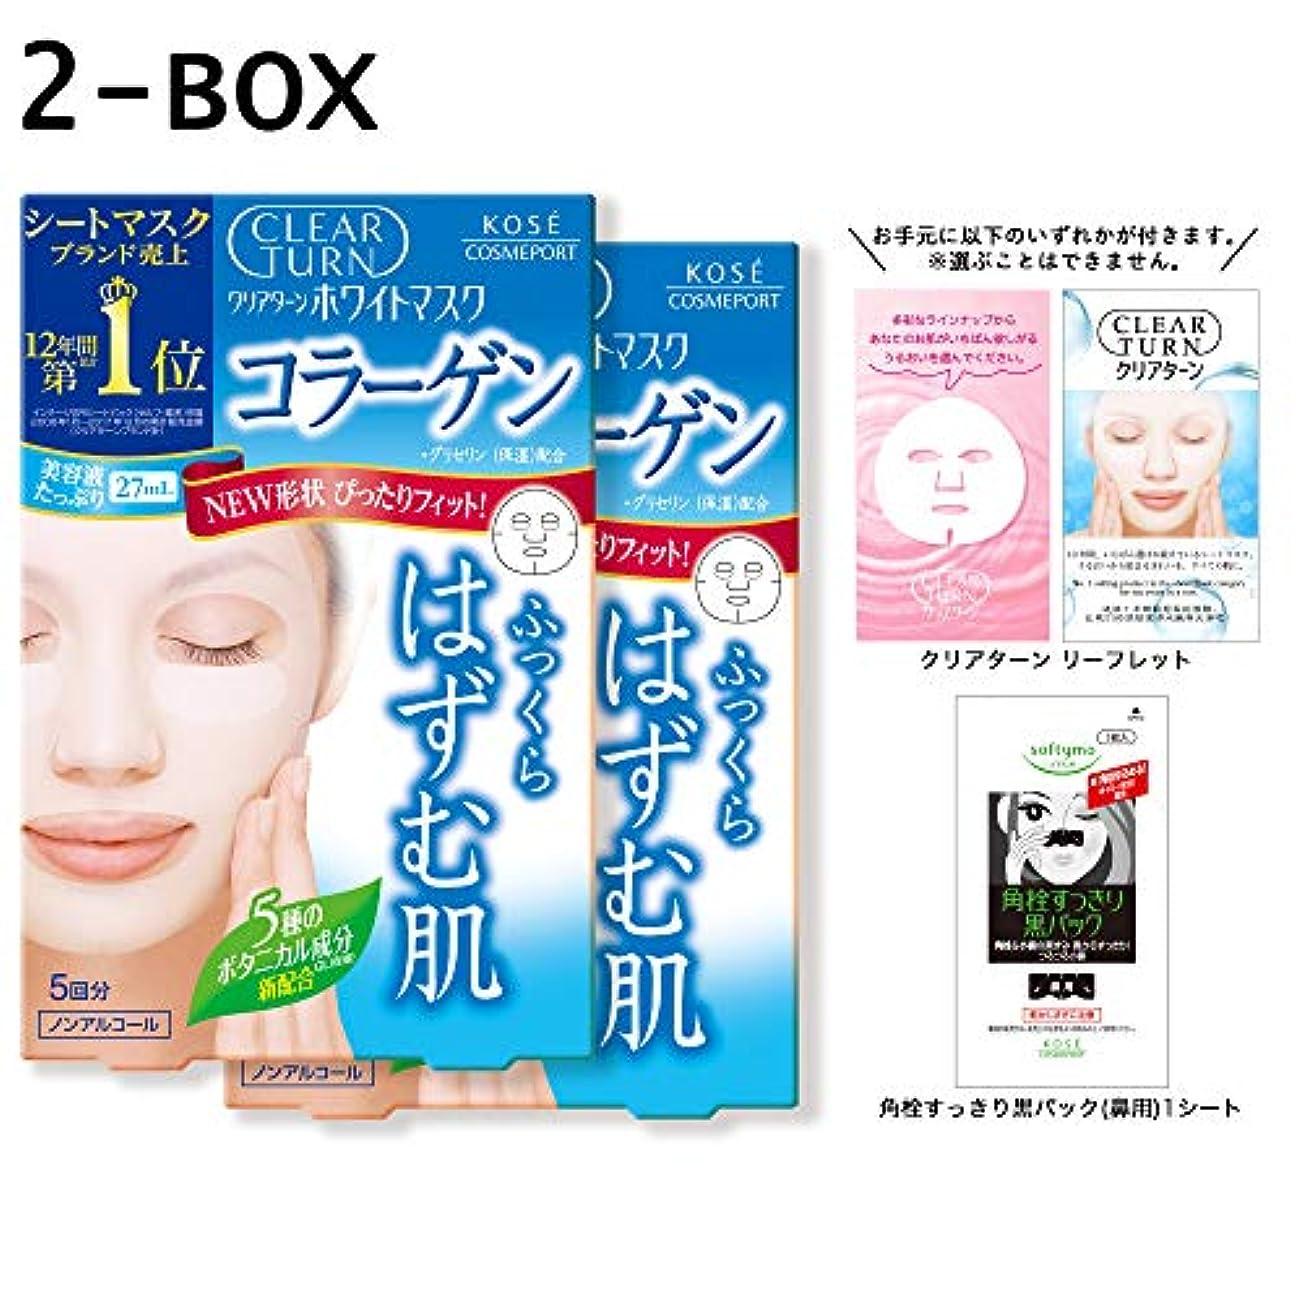 君主生産的電圧【Amazon.co.jp限定】KOSE クリアターン ホワイトマスク コラーゲン 5回分 2P+おまけ付 フェイスマスク